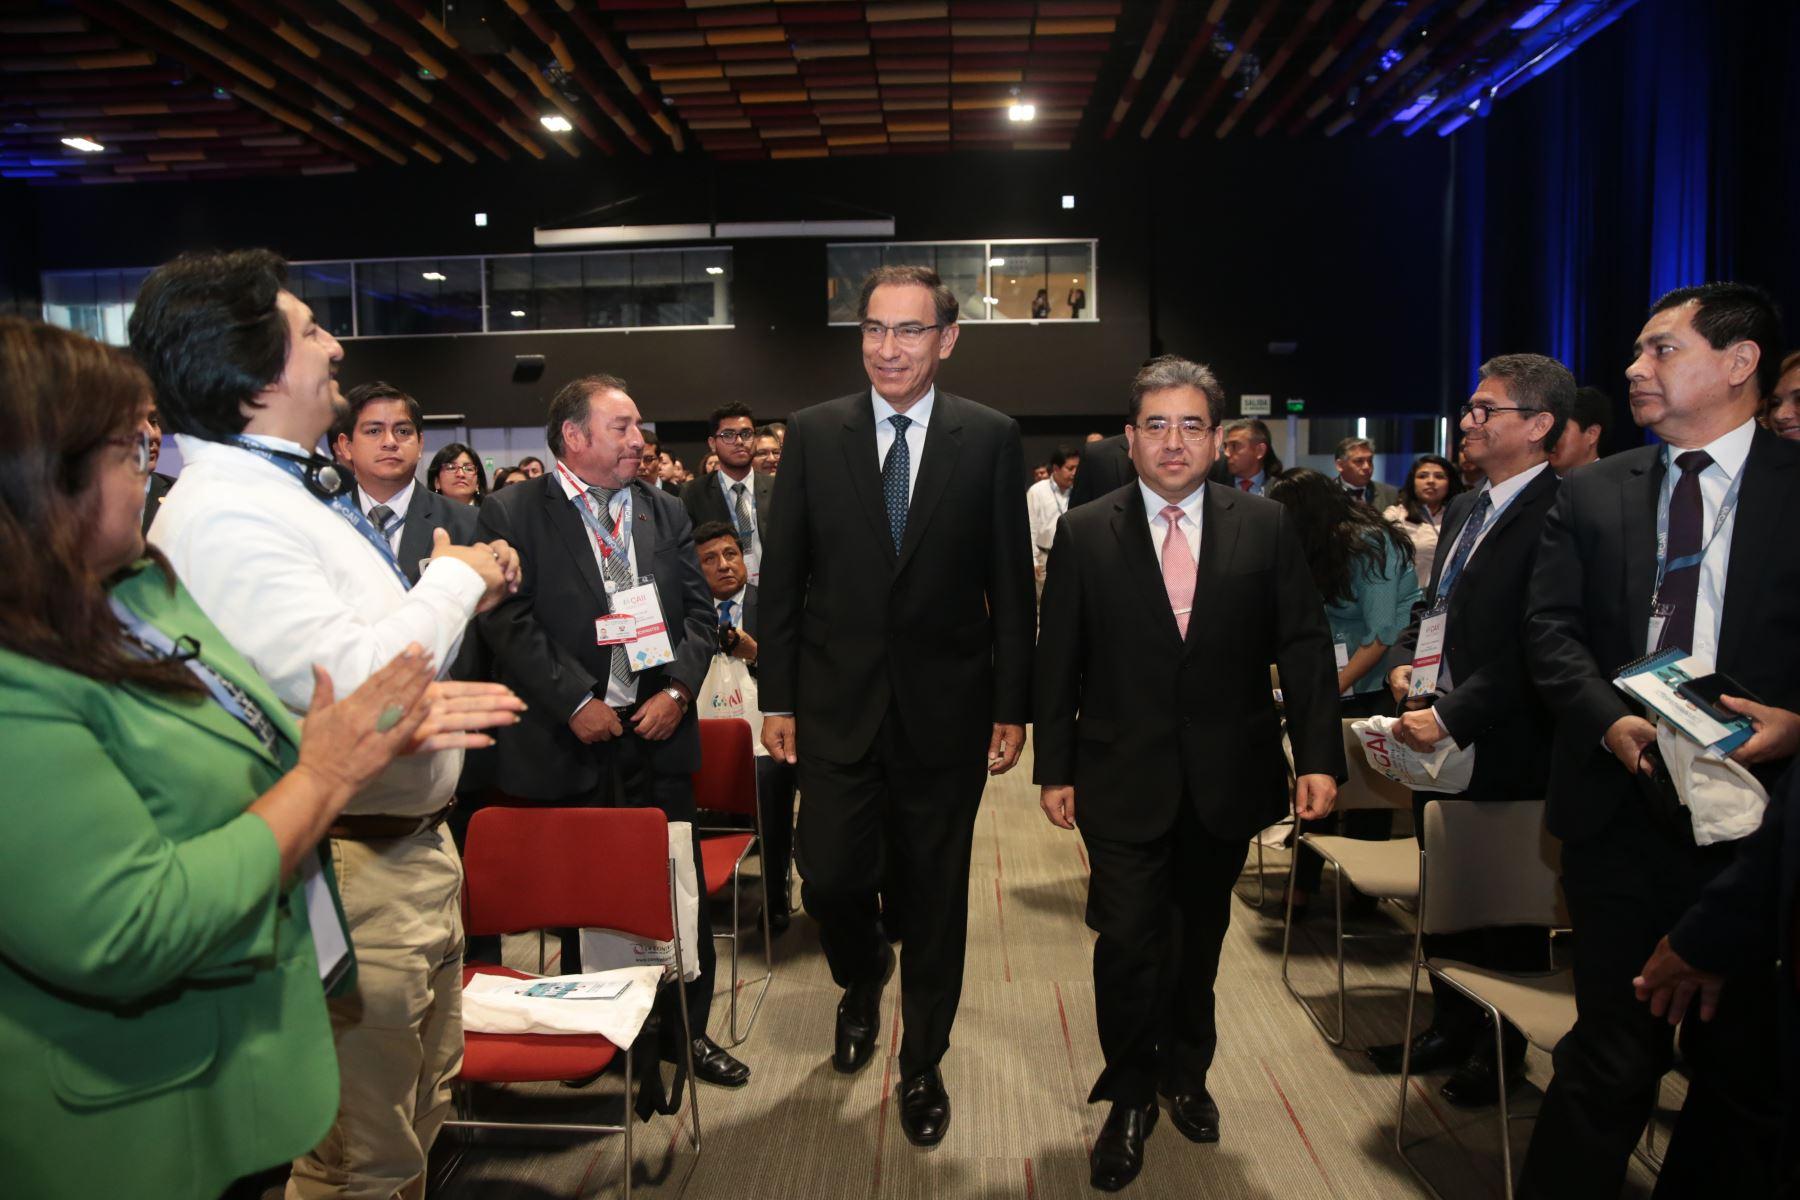 Jefe del Estado, Martín Vizcarra, inauguró Conferencia Anual Internacional por la Integridad, organizado por la Contraloría de la República.Foto: ANDINA/Juan Carlos Guzman/Prensa Presidencia